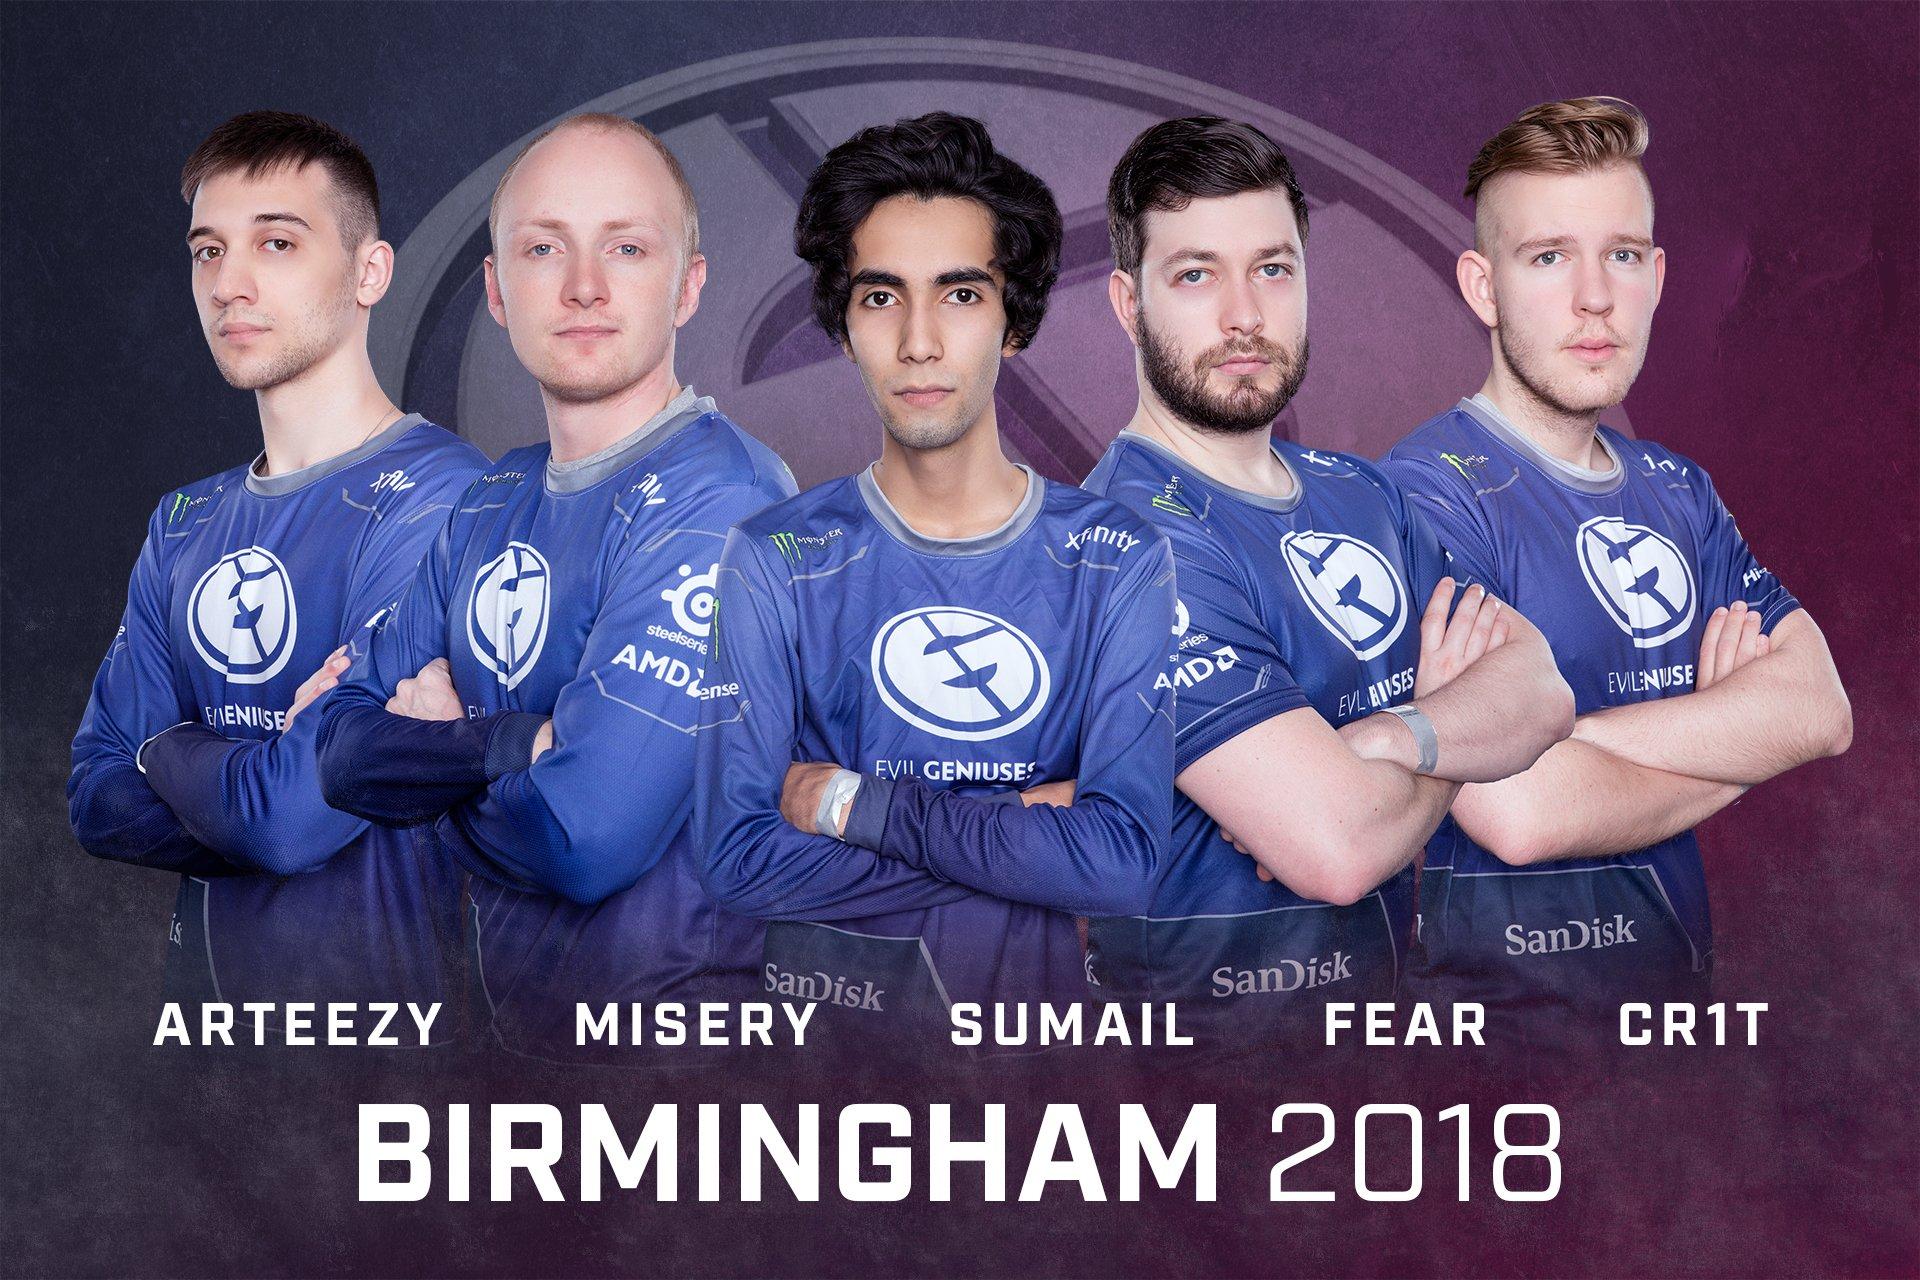 La formación de EG. De izquierda a derecha: Arteezy, Misery, Sumail, Fear y Cr1t. EG y Newbee afrontan malos resultados en la ESL One Birmingham.